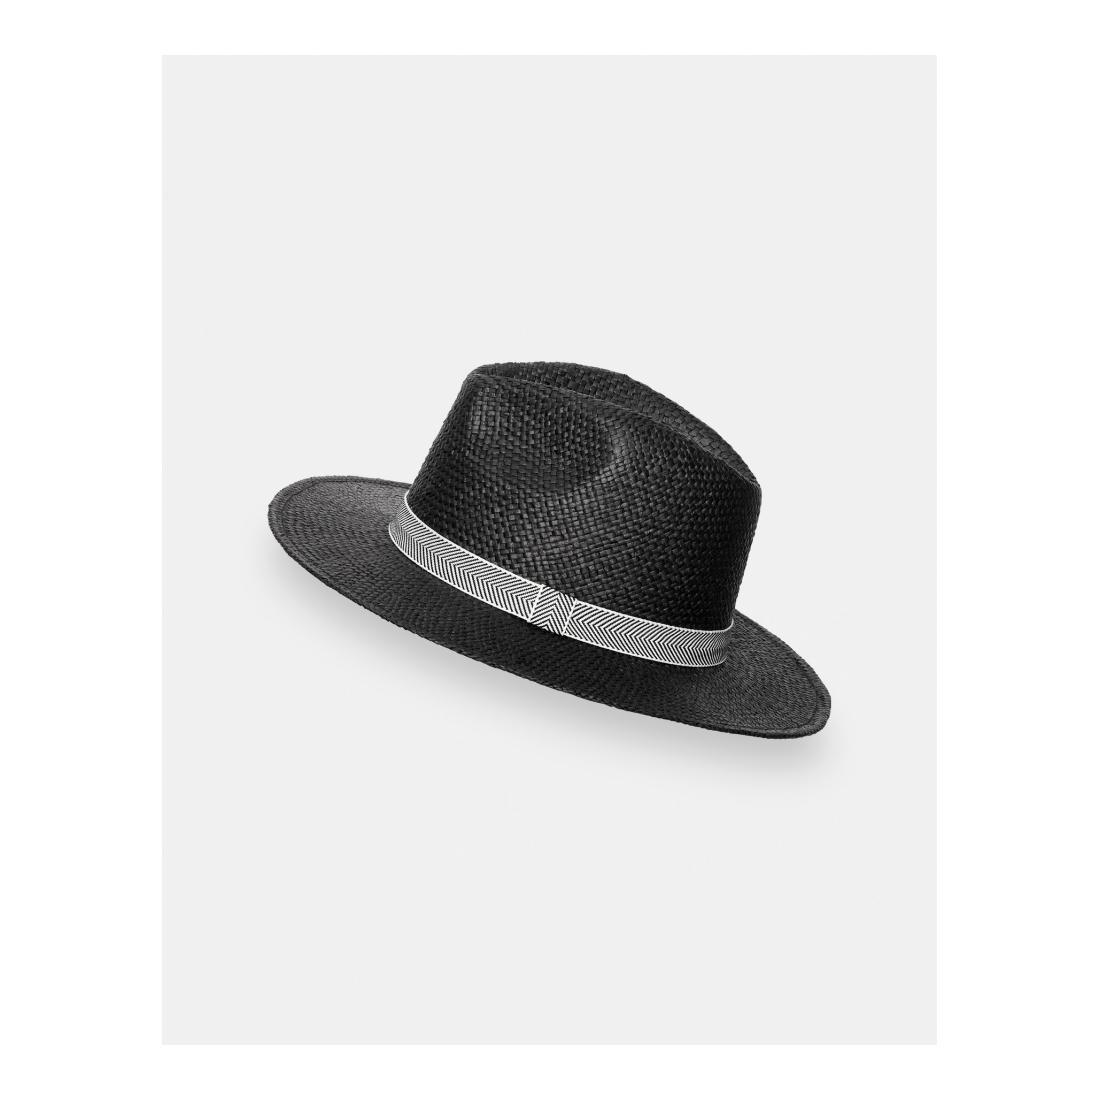 Someday Mützen Stirnband/Handschuhe Bindu hat